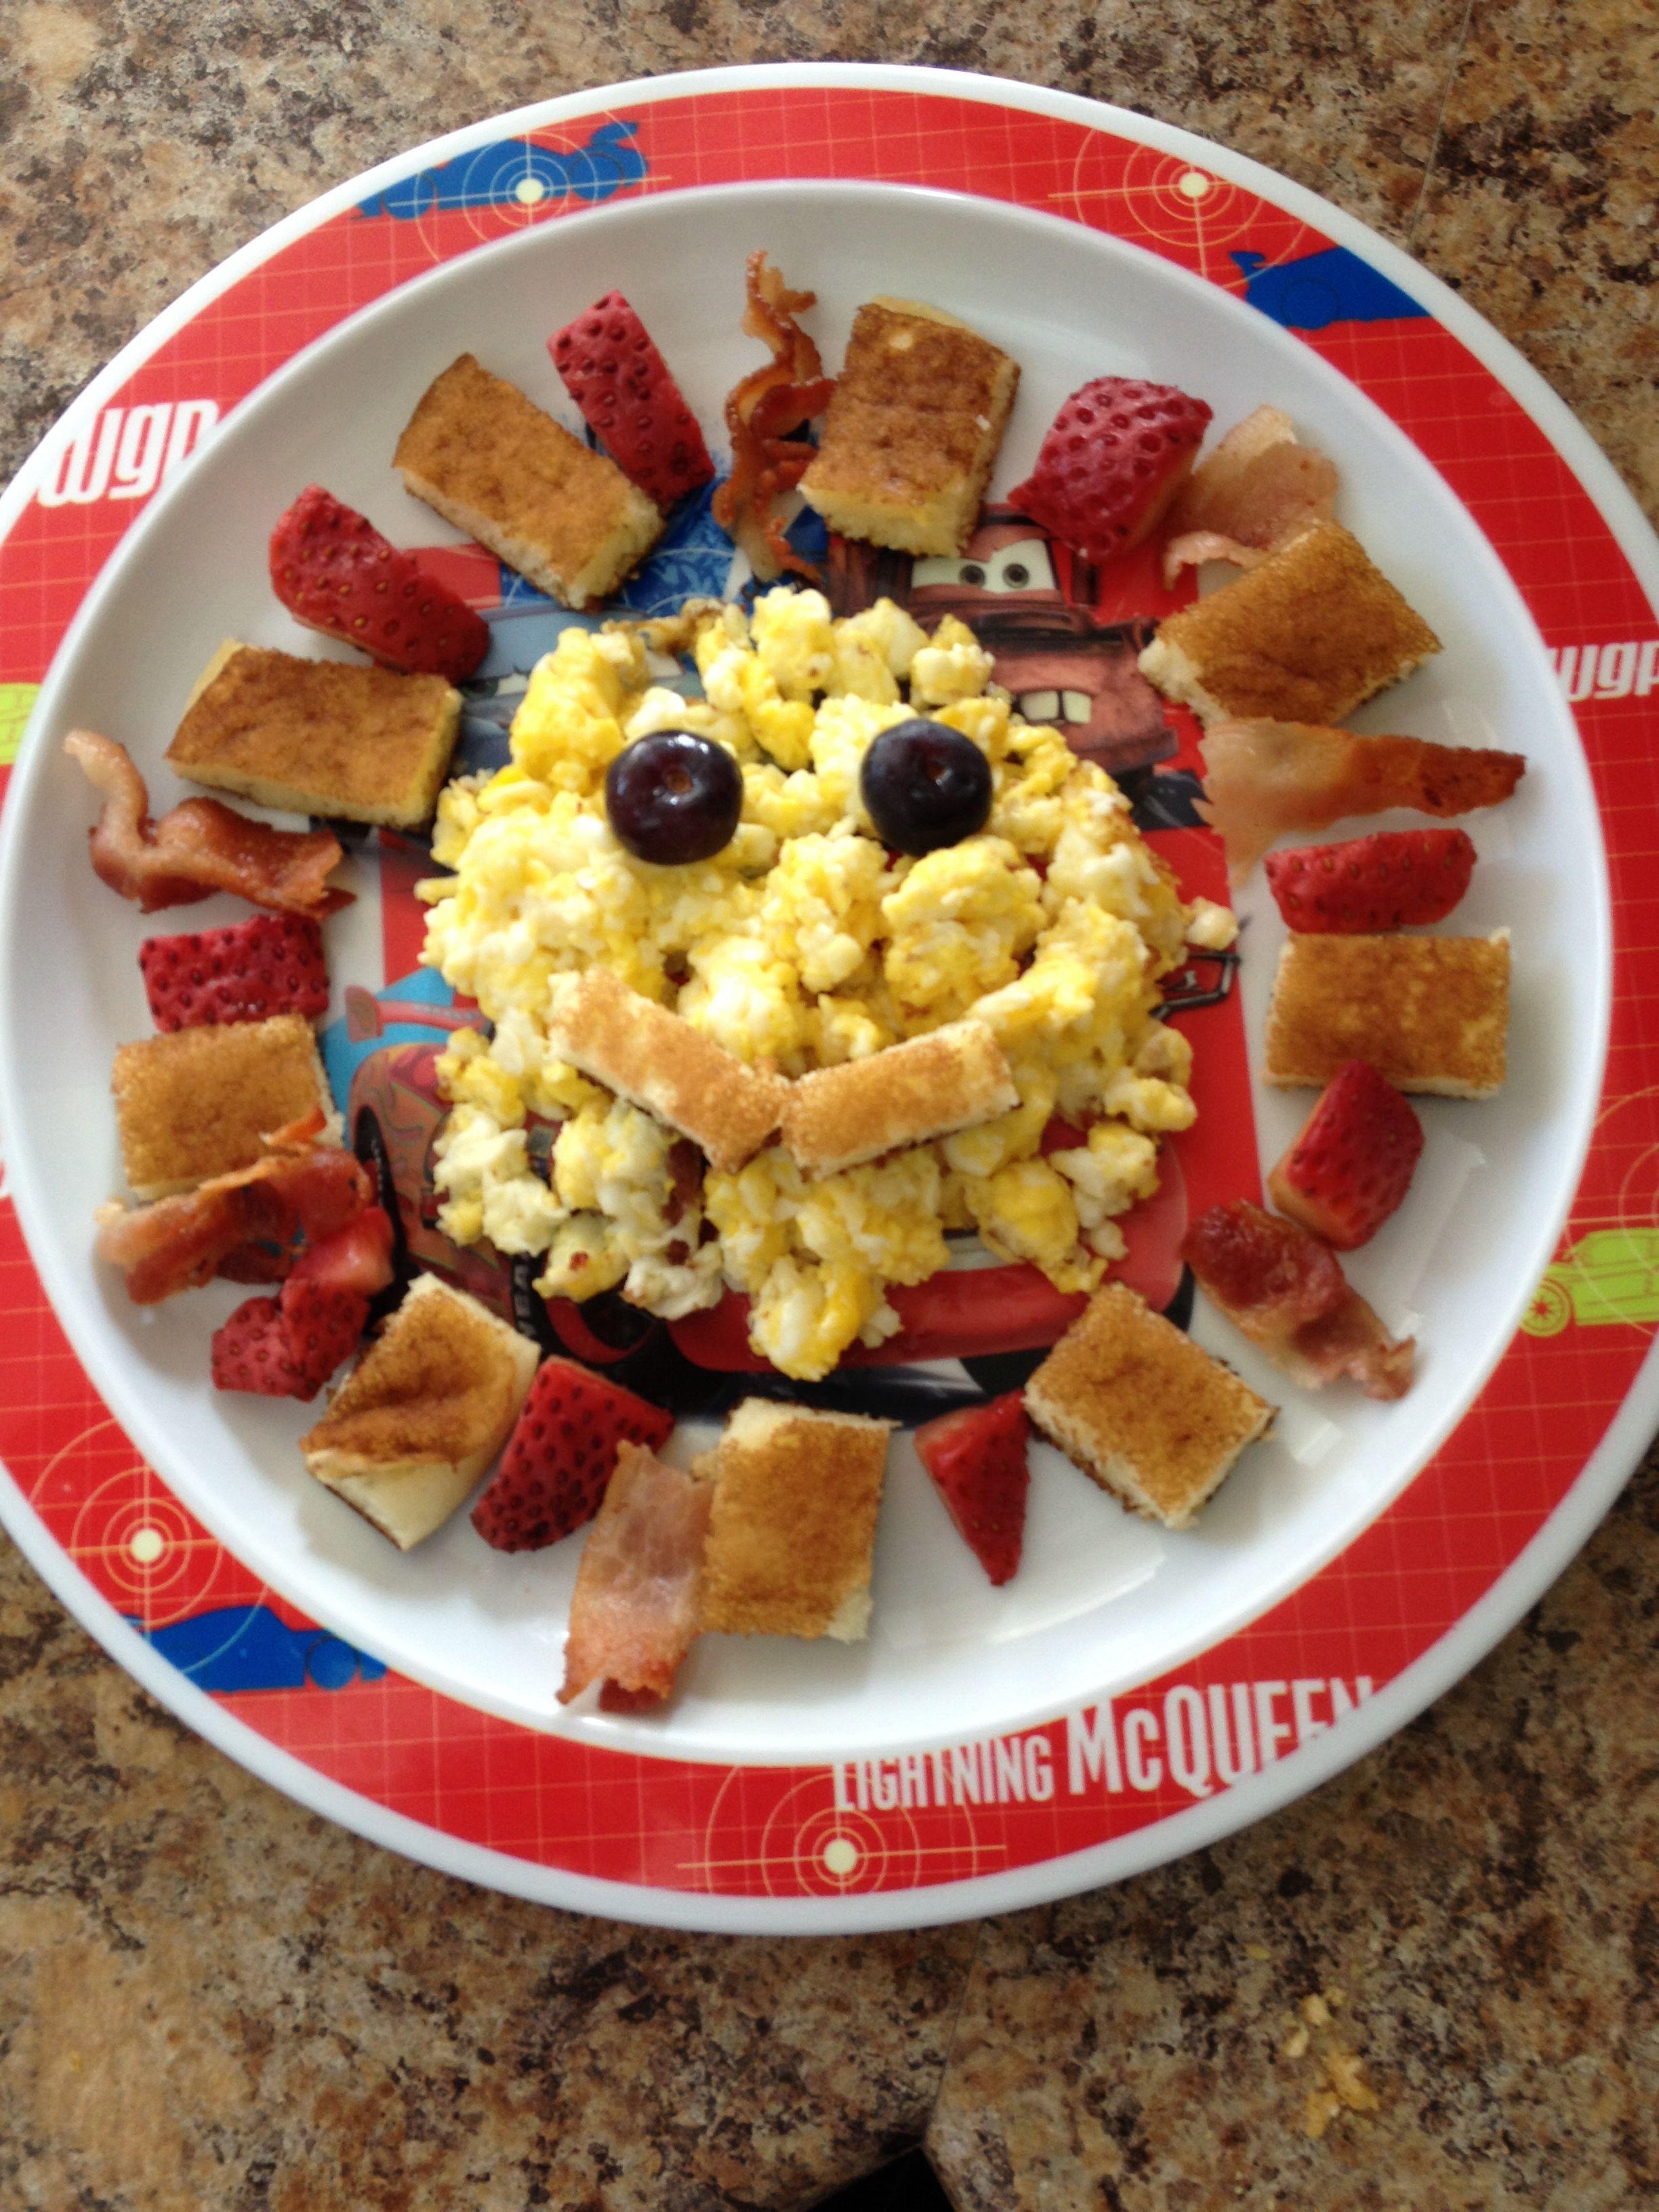 More Breakfast Fun Pancakes Strawberries Blueberries